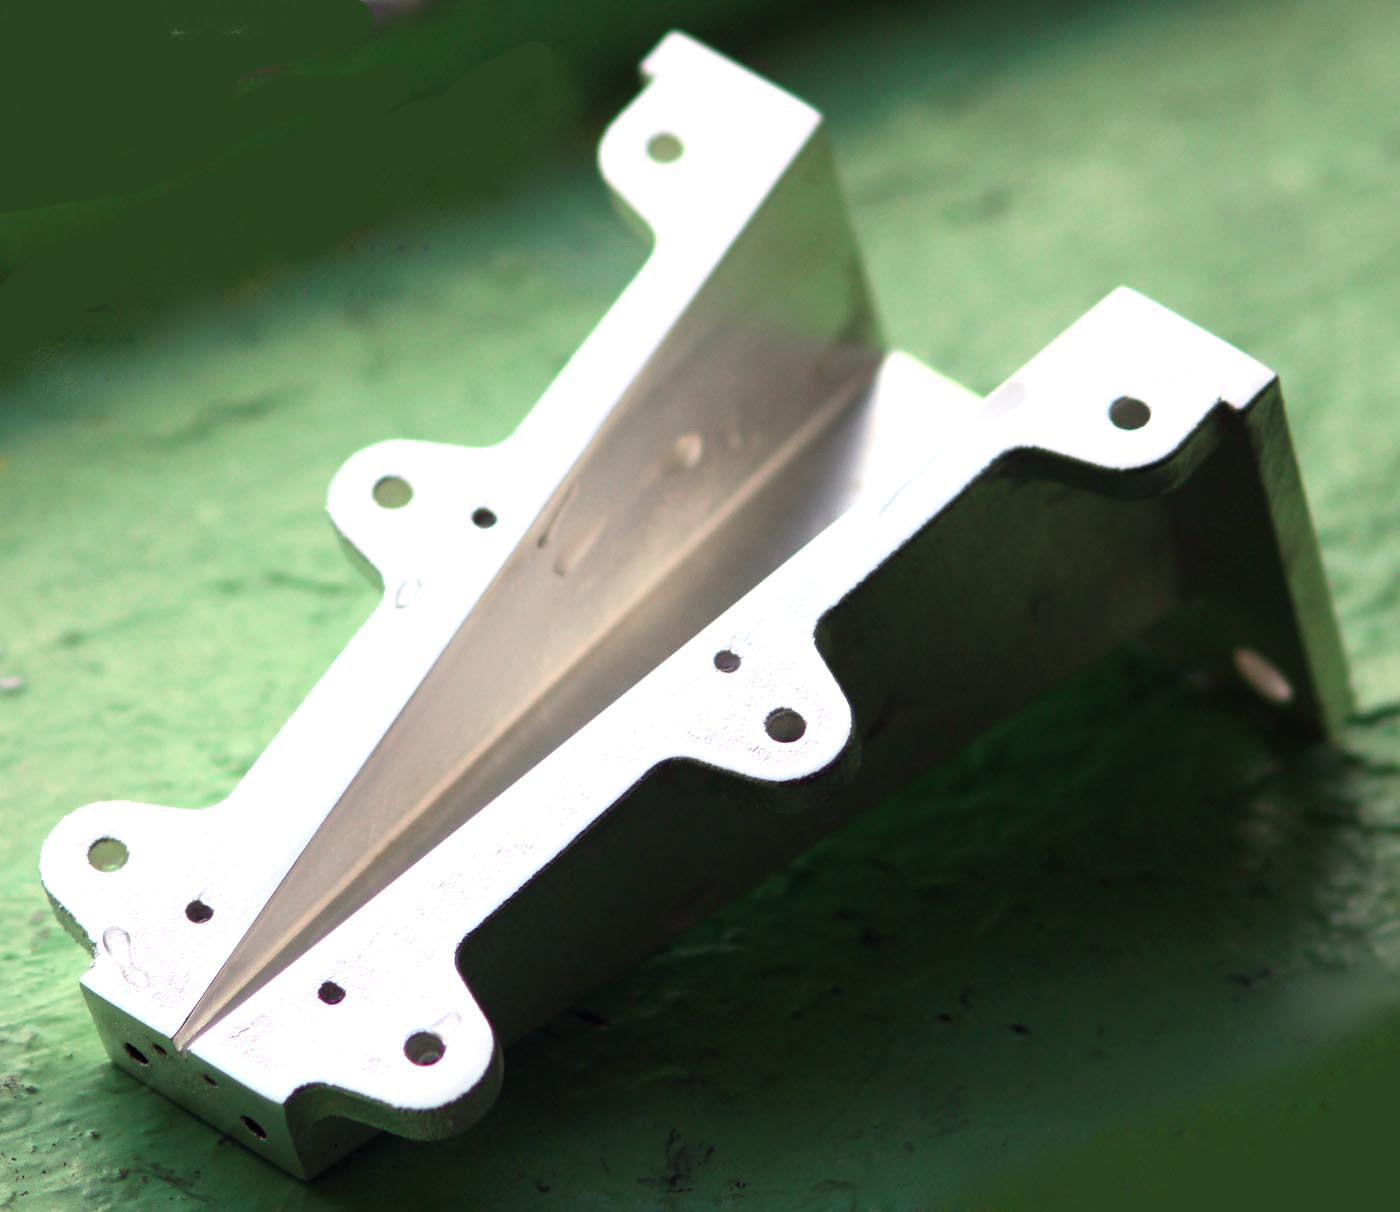 Применение аддитивных технологий при производстве сложных нестандартных изделий - 6